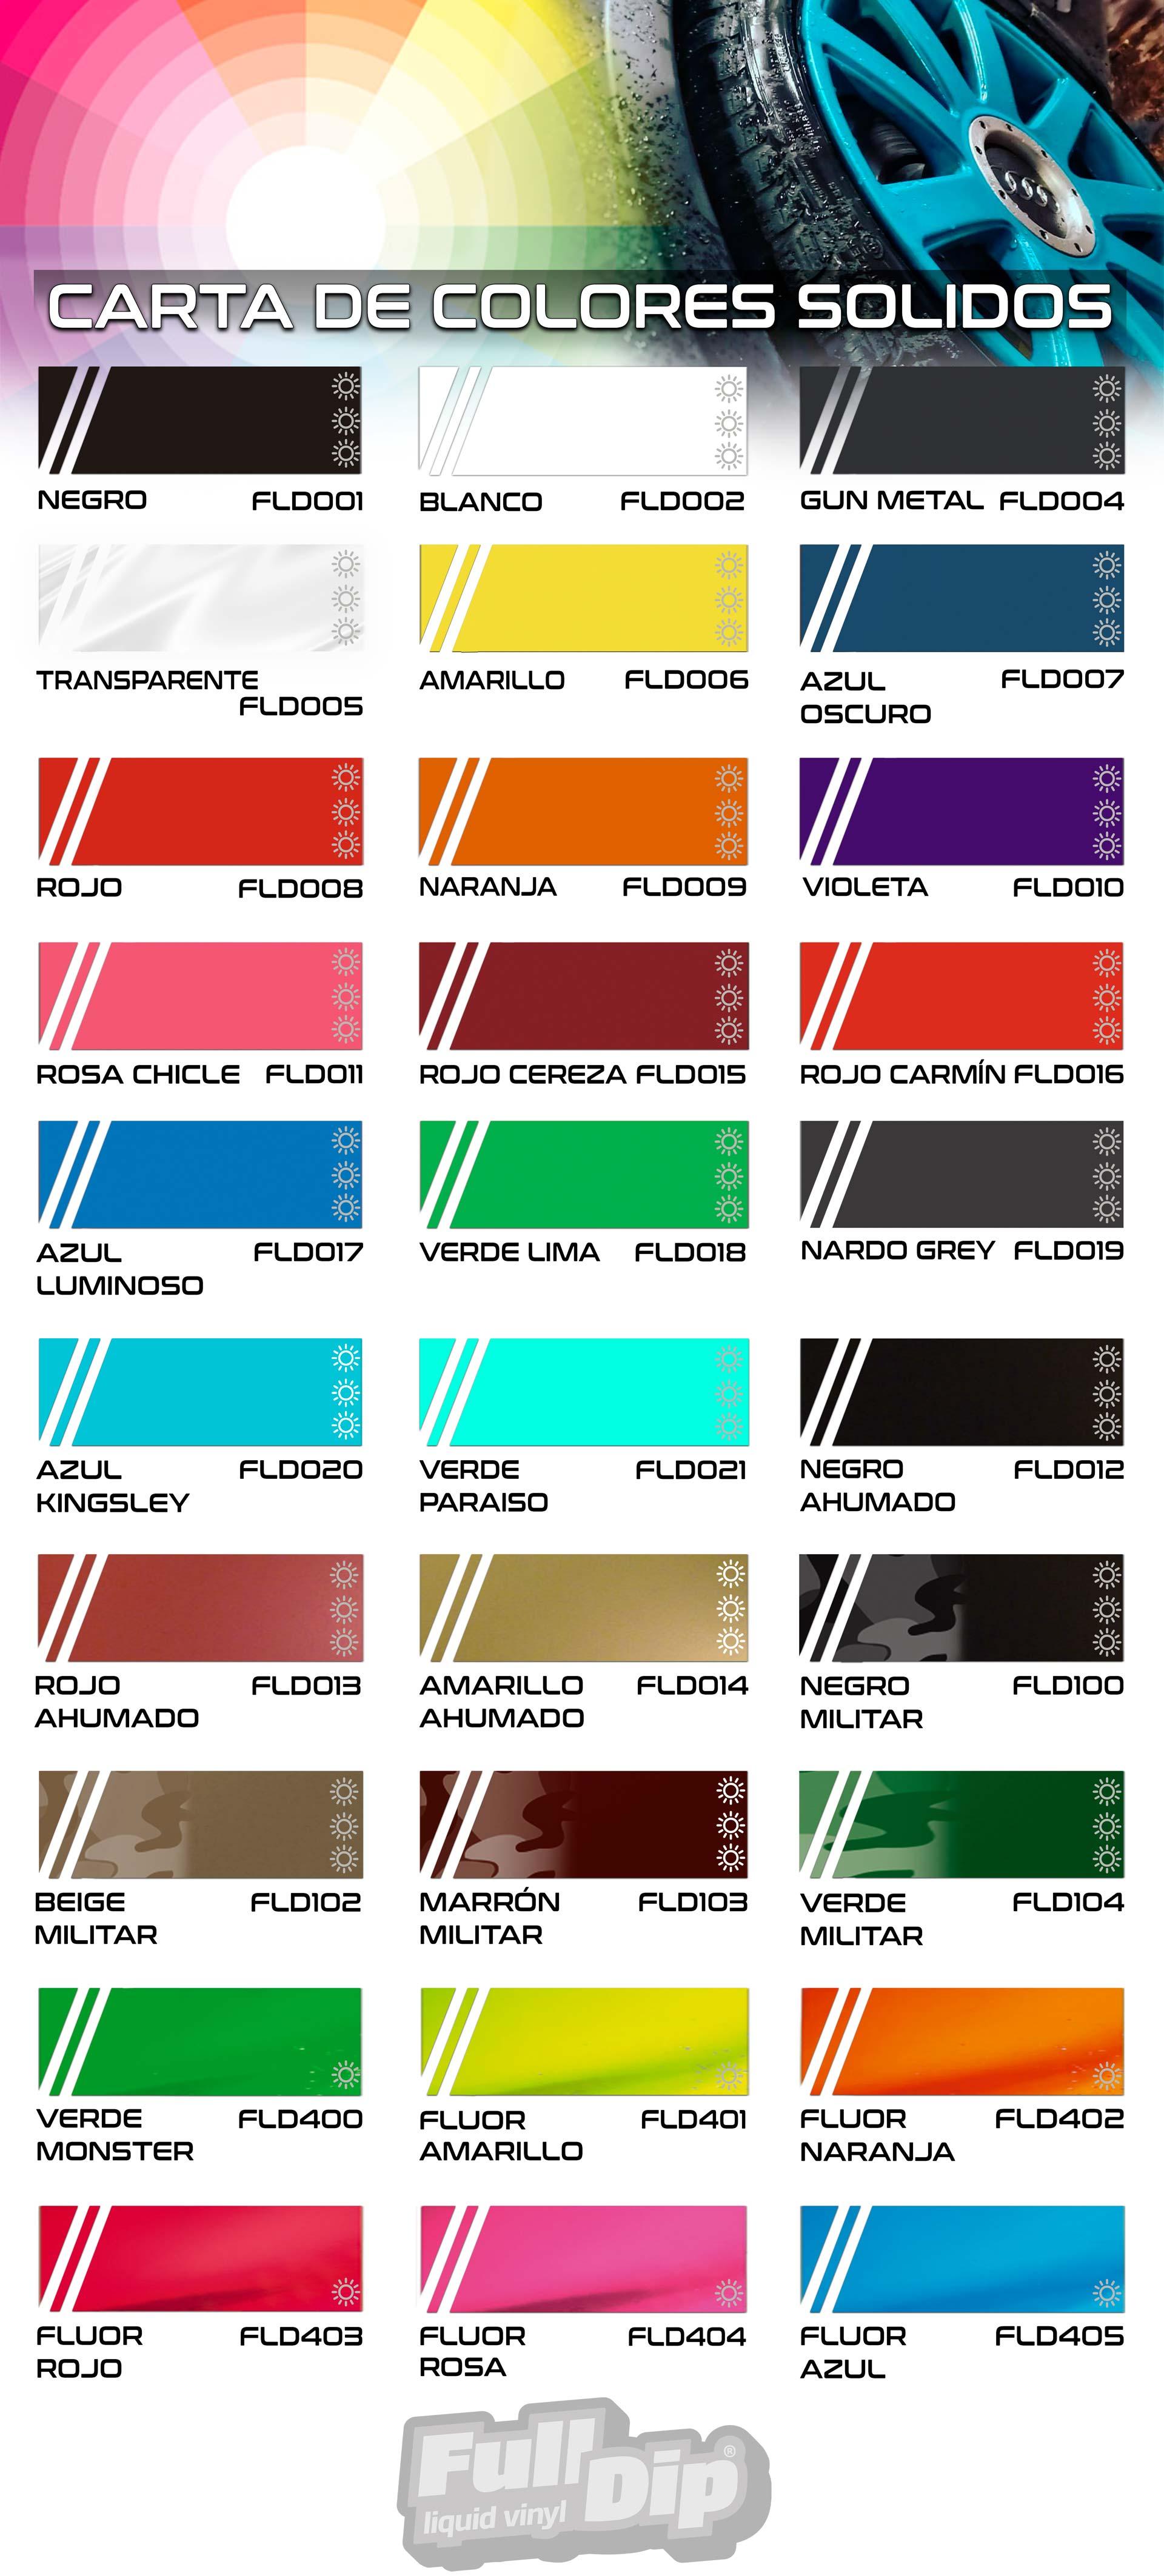 CARTA-COLORES-SOLIDOS-FULLDIP-WEB-2020_1